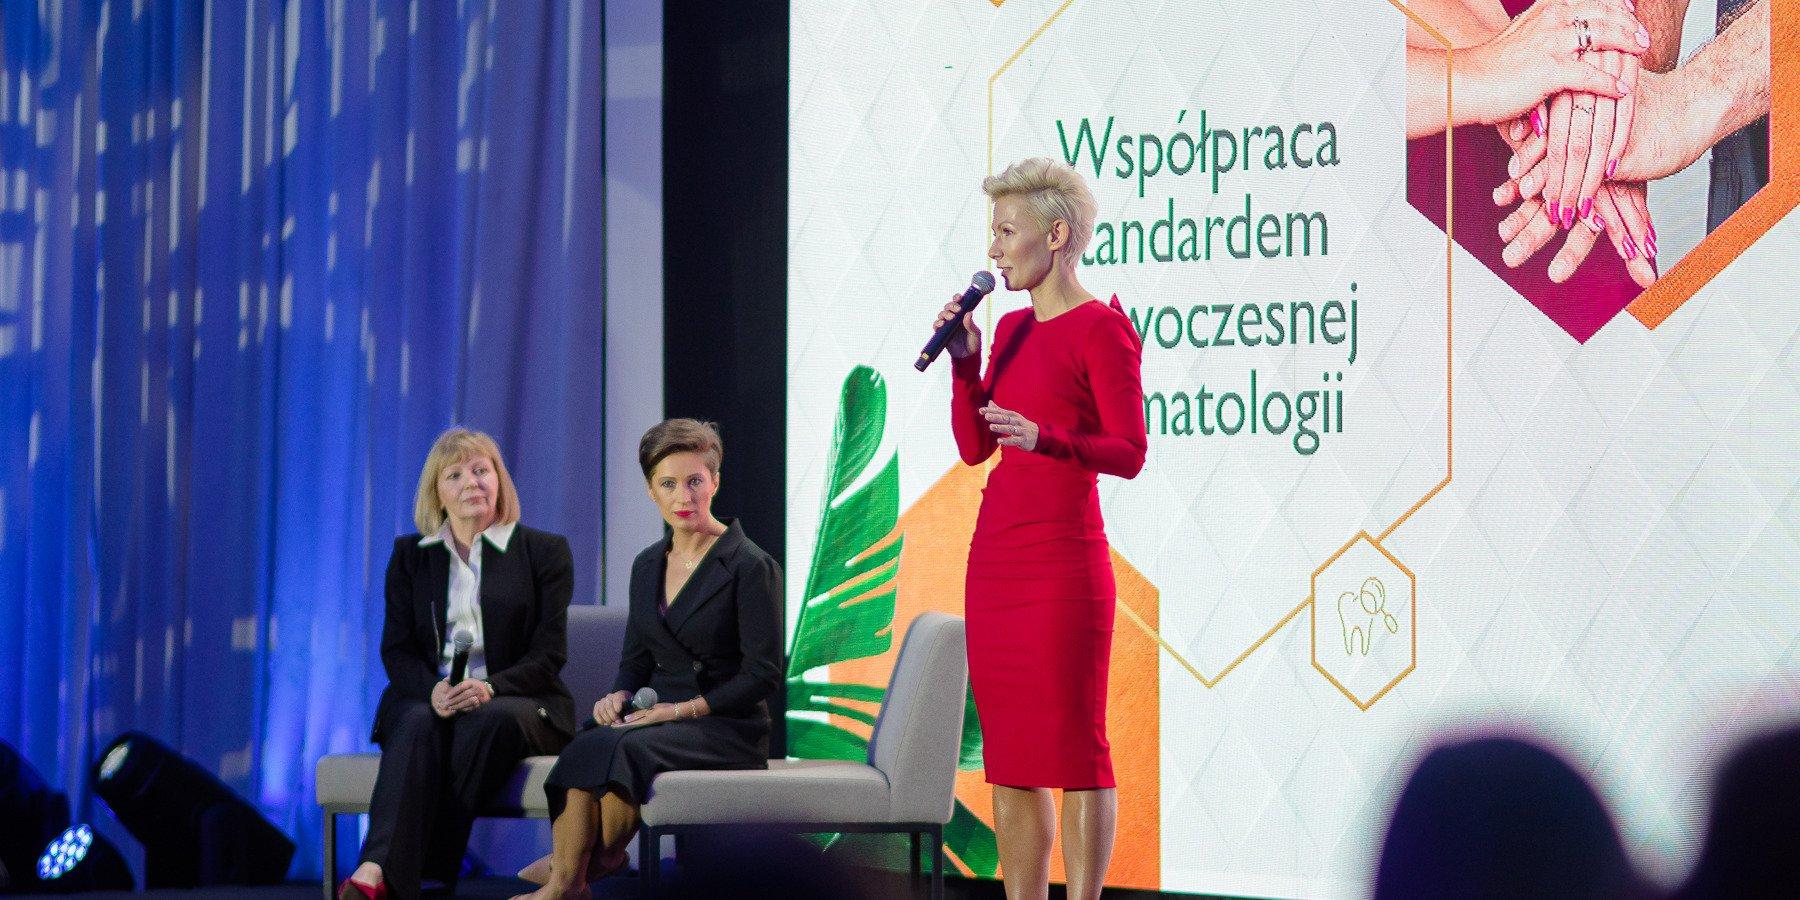 Blisko 300 dentystów na konferencji Medicover Stomatologia w Warszawie